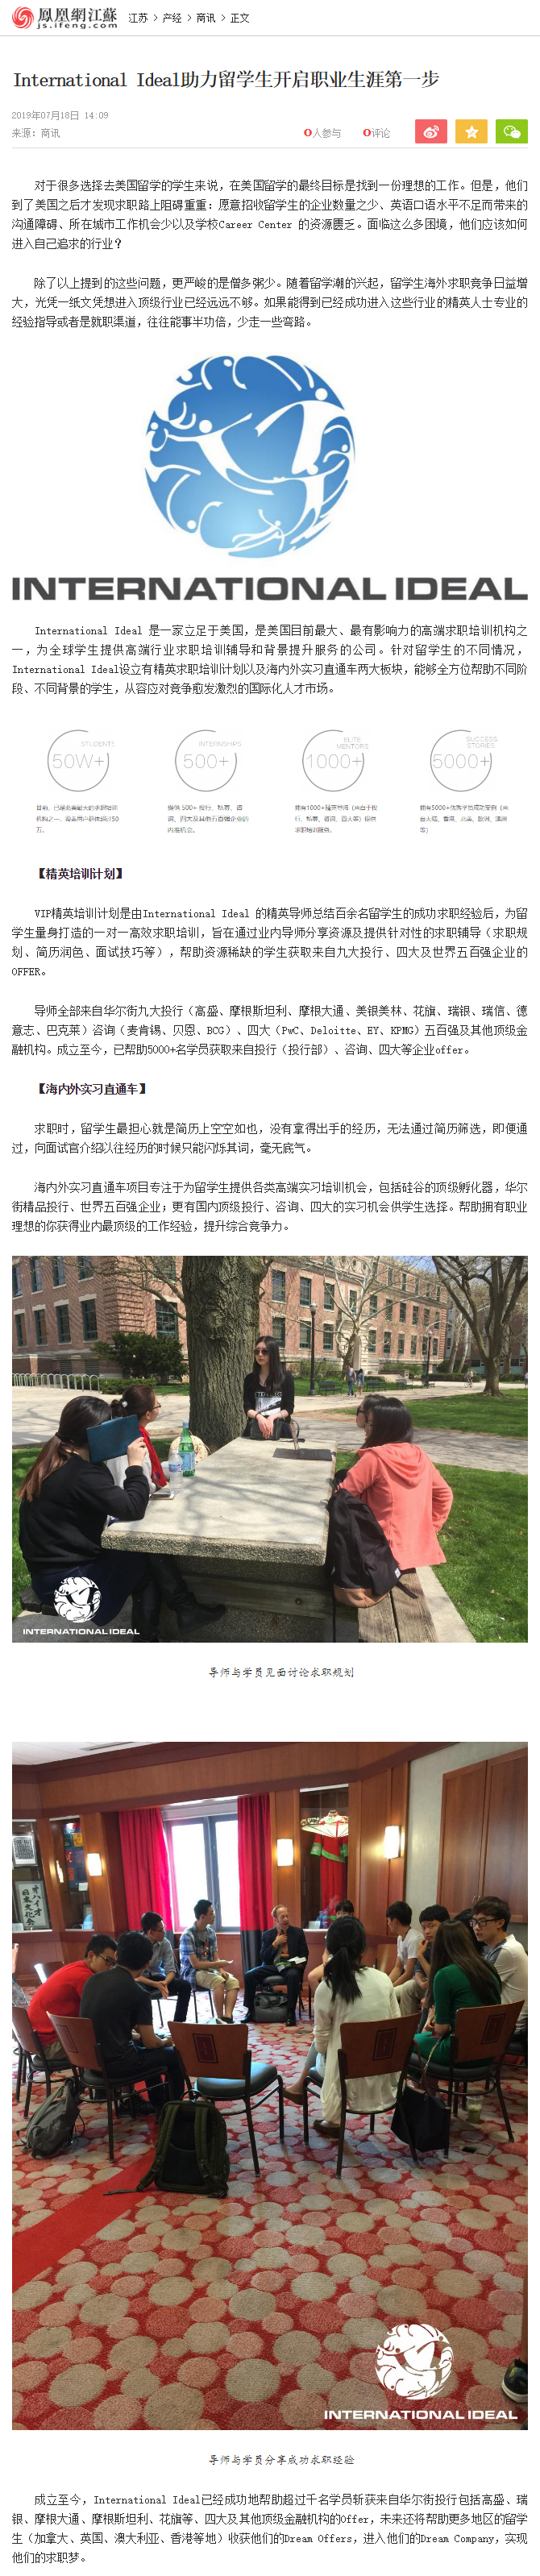 留学生开启职业生涯第一步